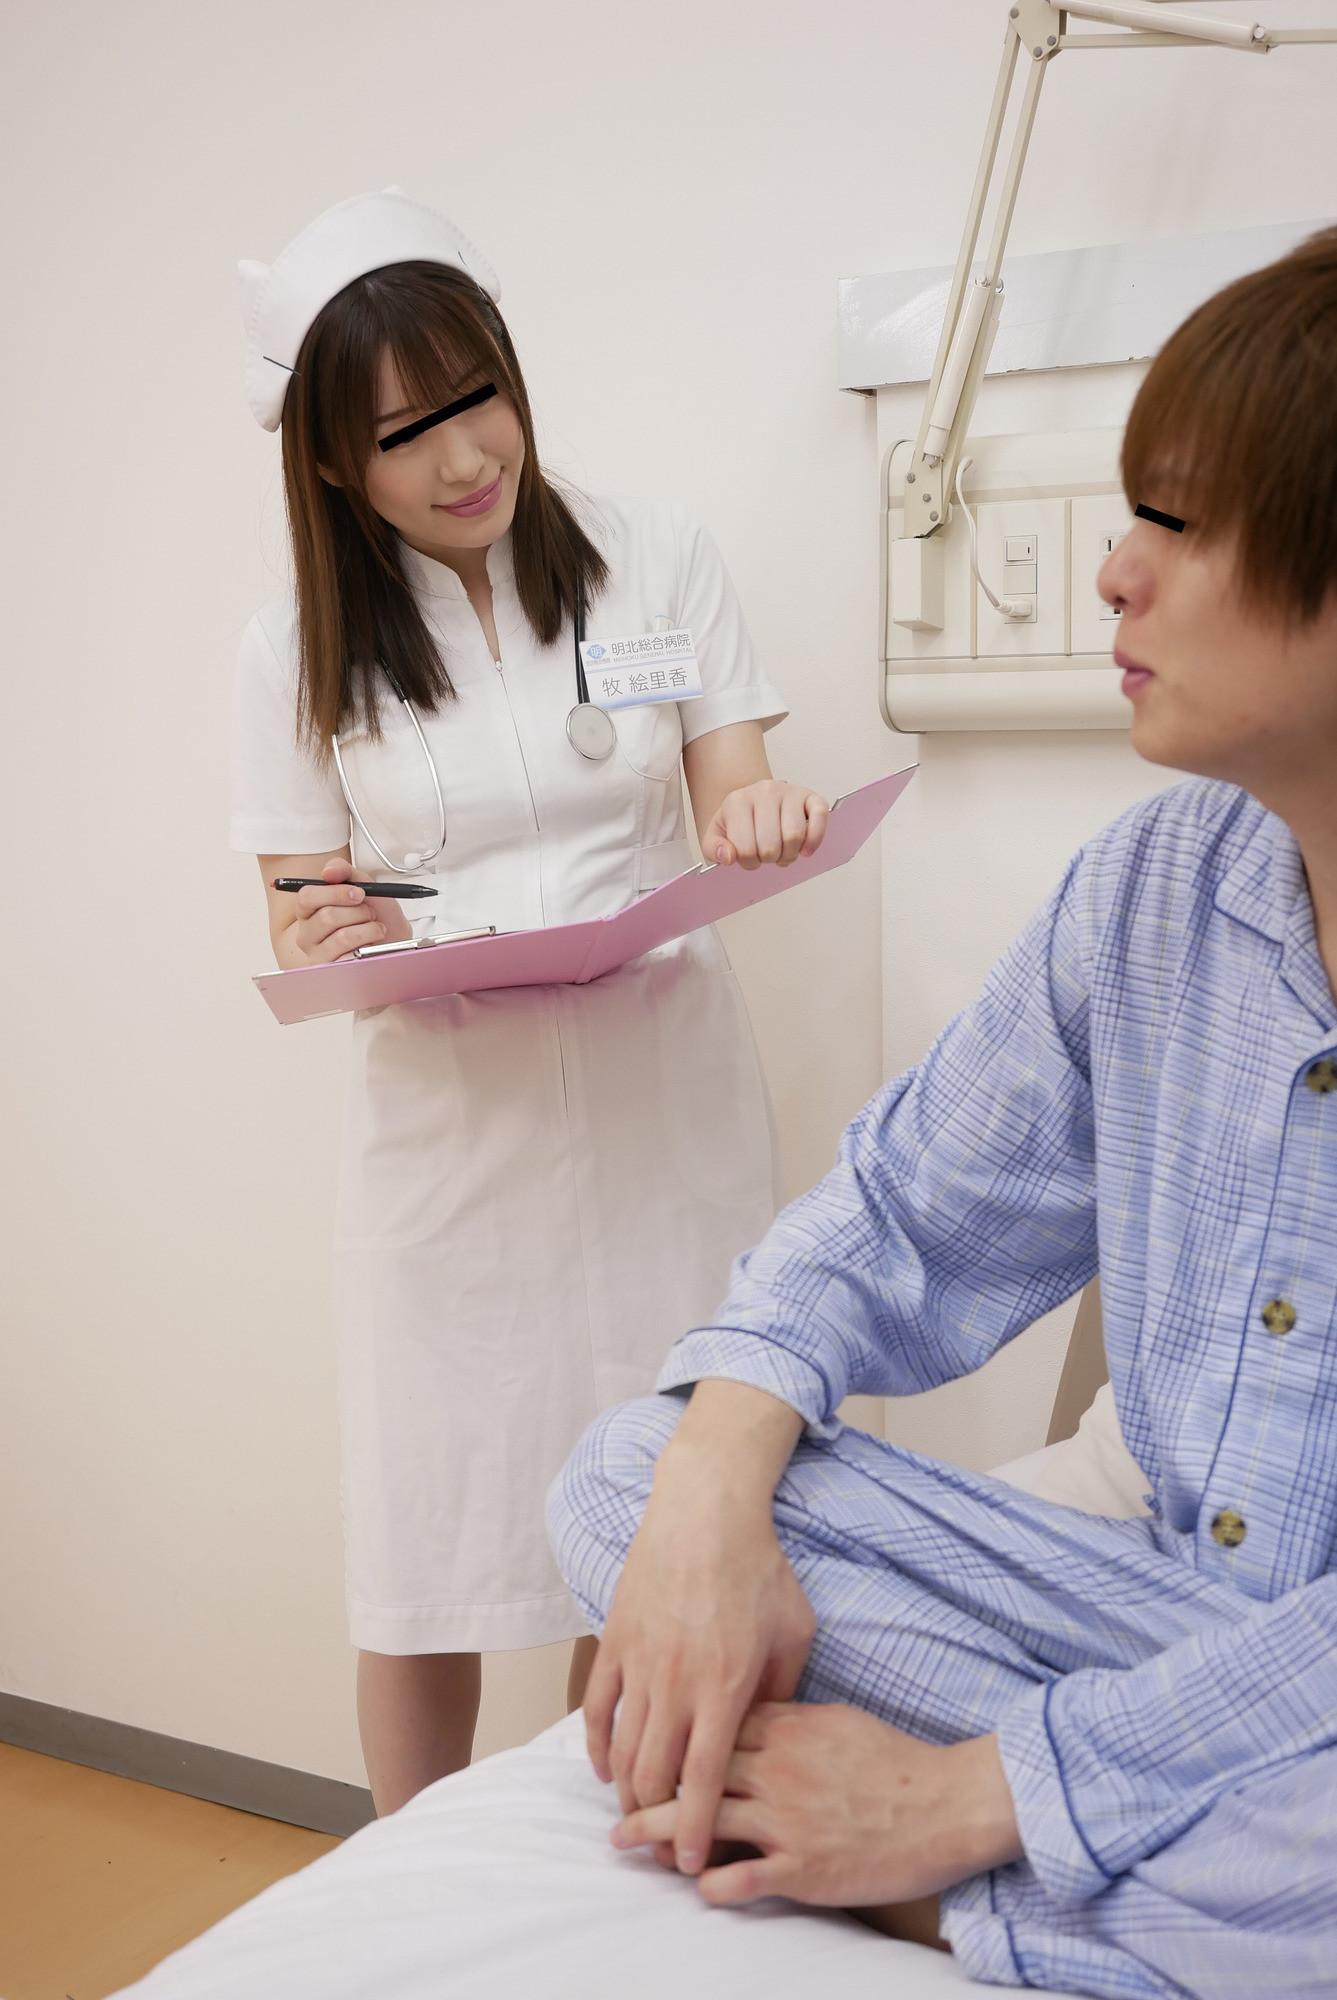 おチンチンを弄ってくる看護師さんの手が柔らかくてソソられまくり 看護師さんが診察前に消毒しましょうと、おチンチンをアルコールでなでなでしてくる!その包まれるような手の感触に堪らず勃起してしまうと・・・楽しそうに上下左右、僕のおチンチンをこねくりまわす!?あまりの気持ちよさに出ちゃいそうですと言うと、「ダメよ、こんなにギンギンのおチ〇ポなんだからエッチしないと勿体ないでしょ」と言われ、皆に見つからないようにガツガツにエッチしてしまいました!!